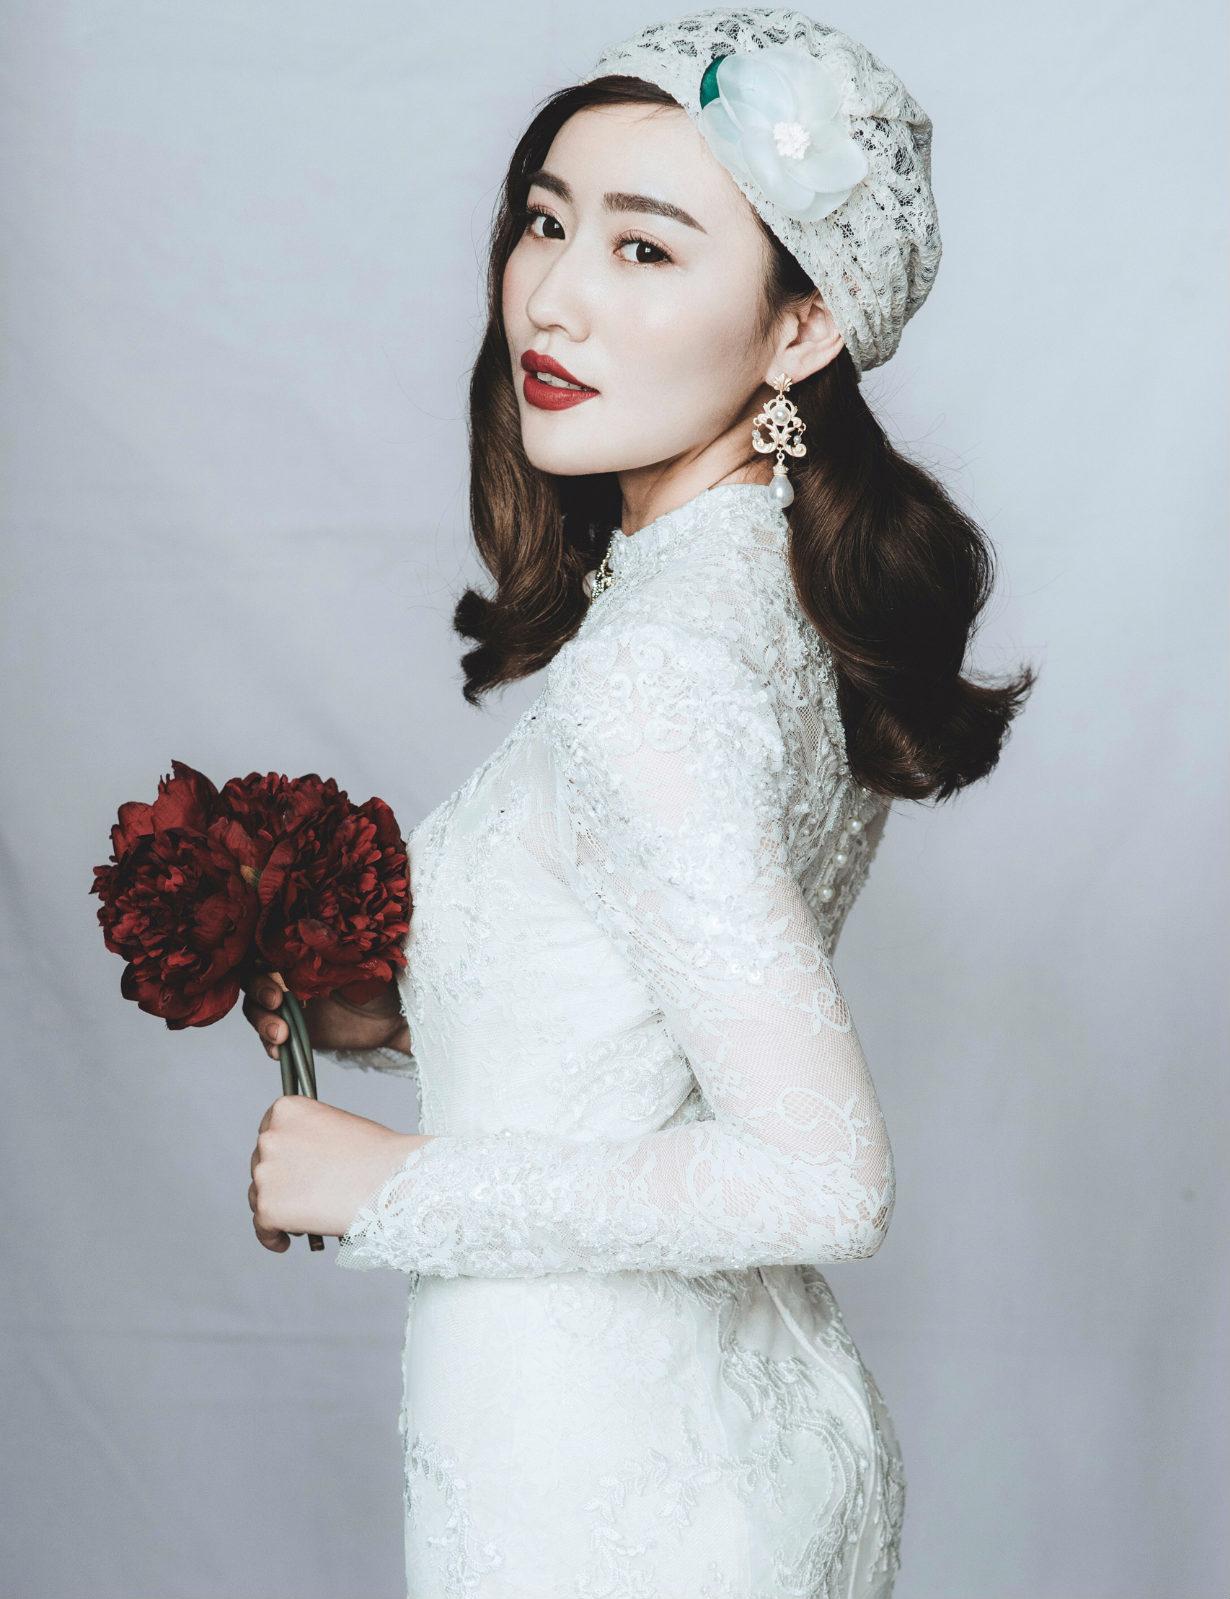 新娘造型|慵懒的披肩发,搭配手工礼帽,红唇加印,复古动人